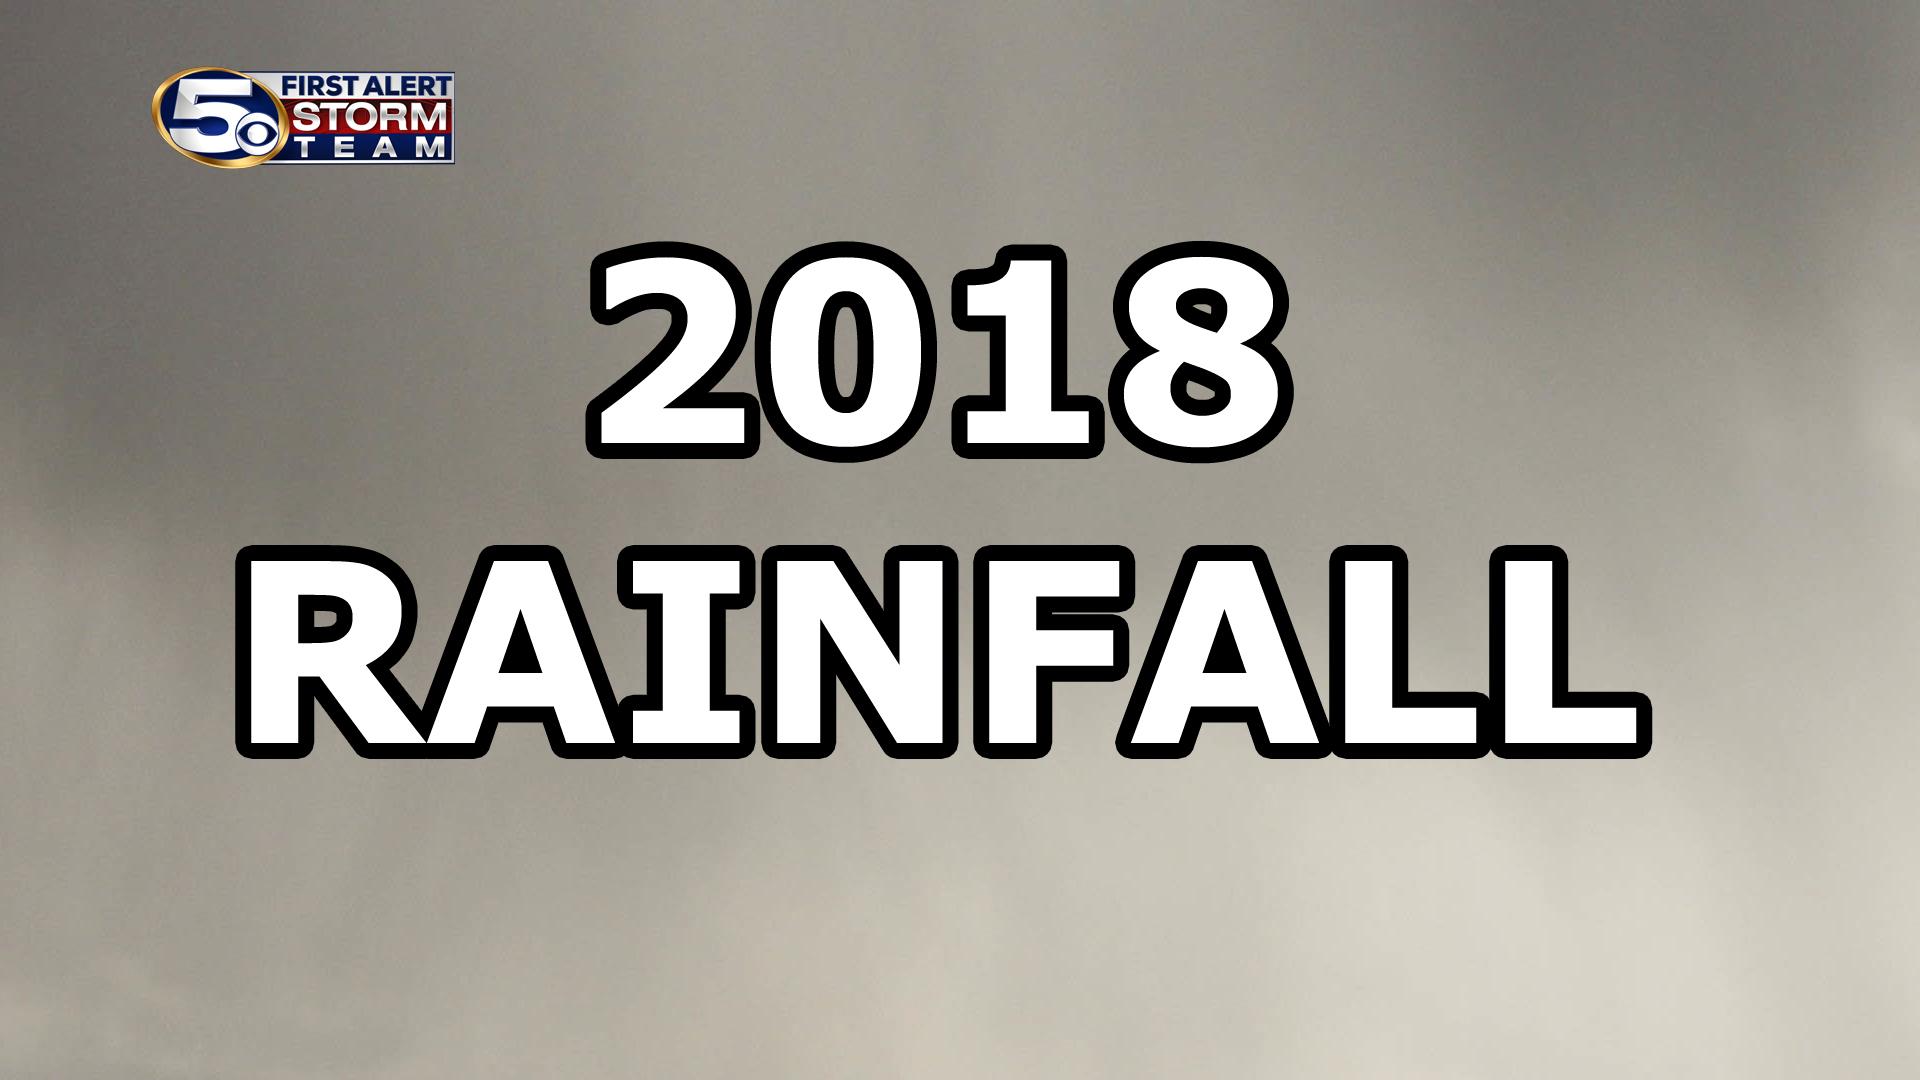 Rainfall 2018 totals